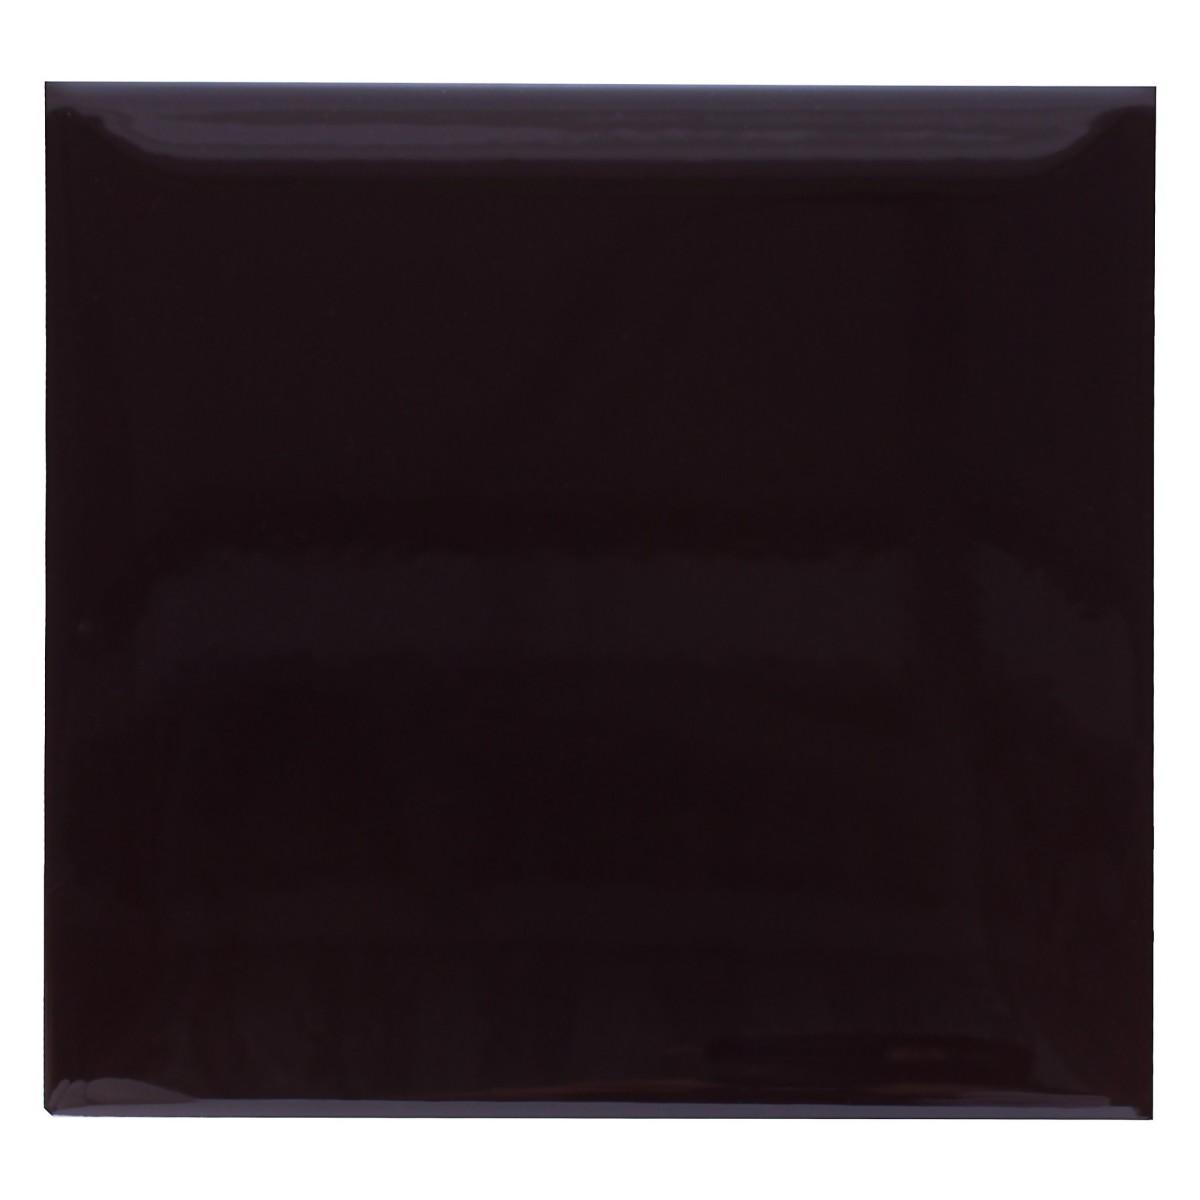 Плитка настенная Cocktail Chocolate 15x15 см 1 м2 цвет коричневый